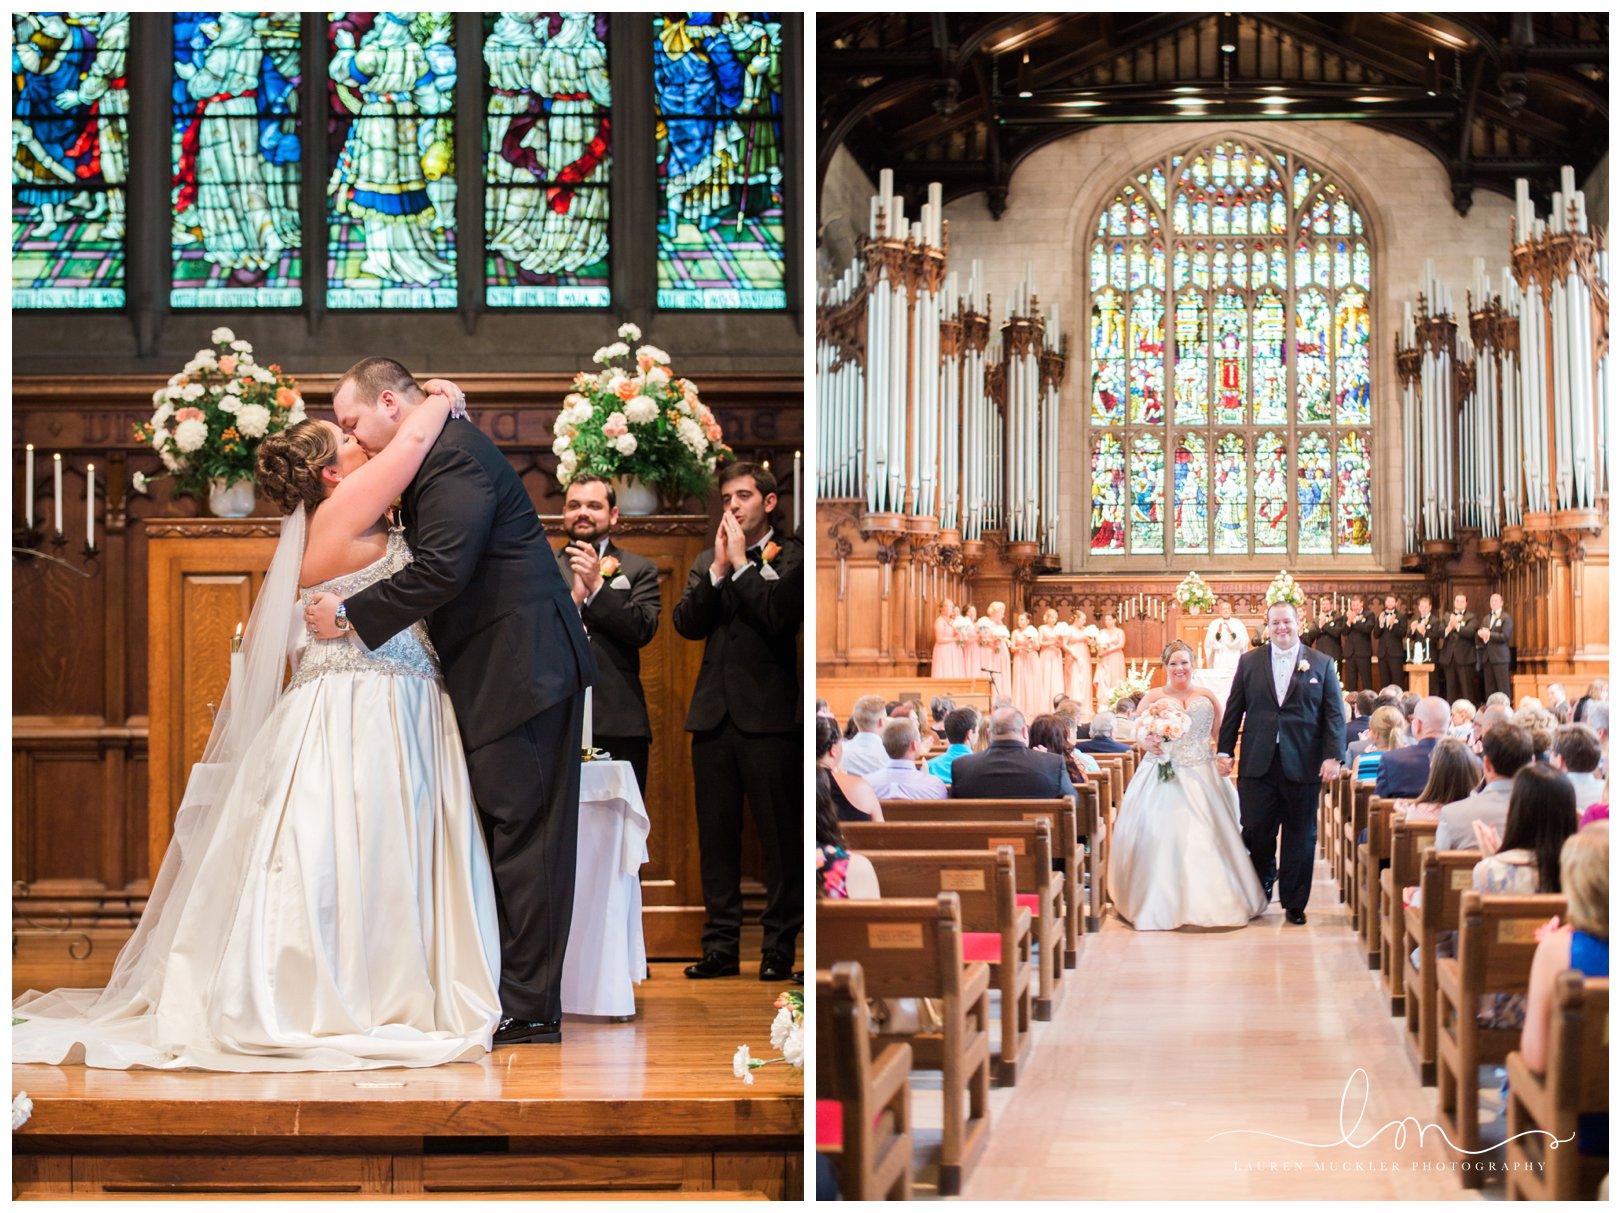 lauren muckler photography_fine art film wedding photography_st louis_photography_0623.jpg